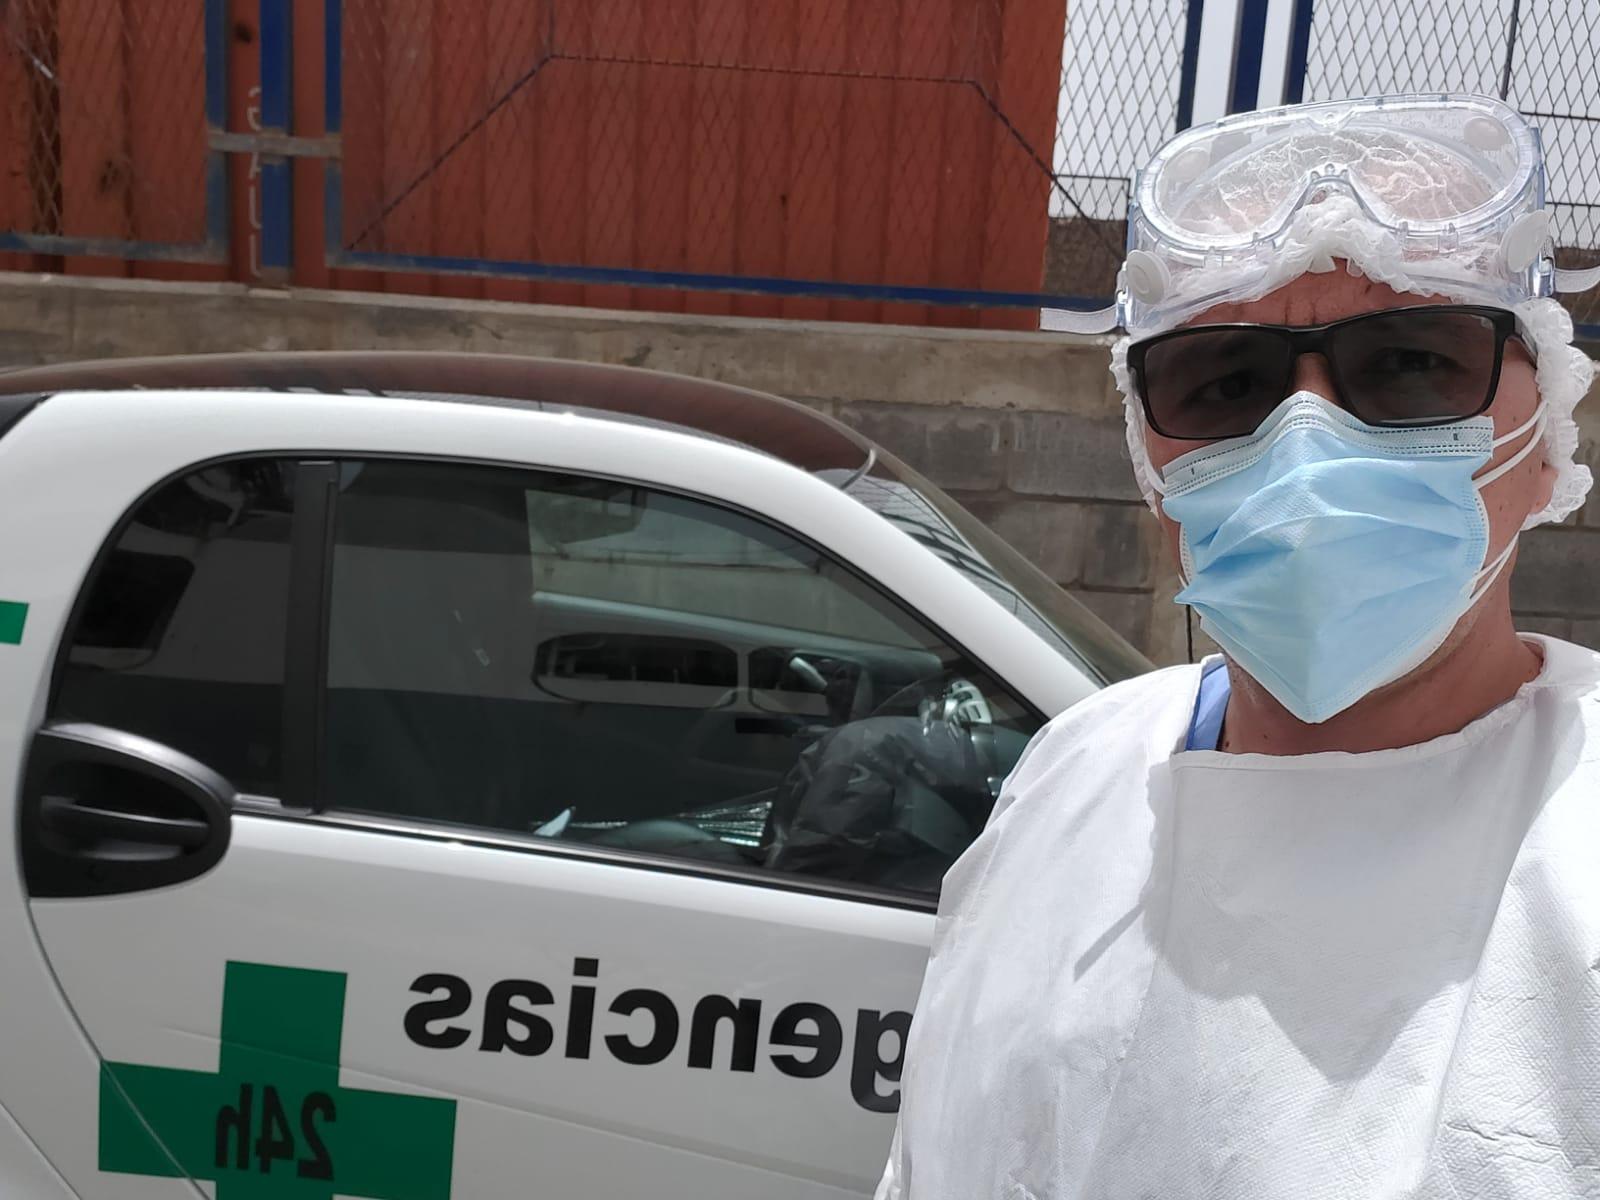 Urgencias Enfermería 24 horas Las Palmas - Enfermero Cualificado